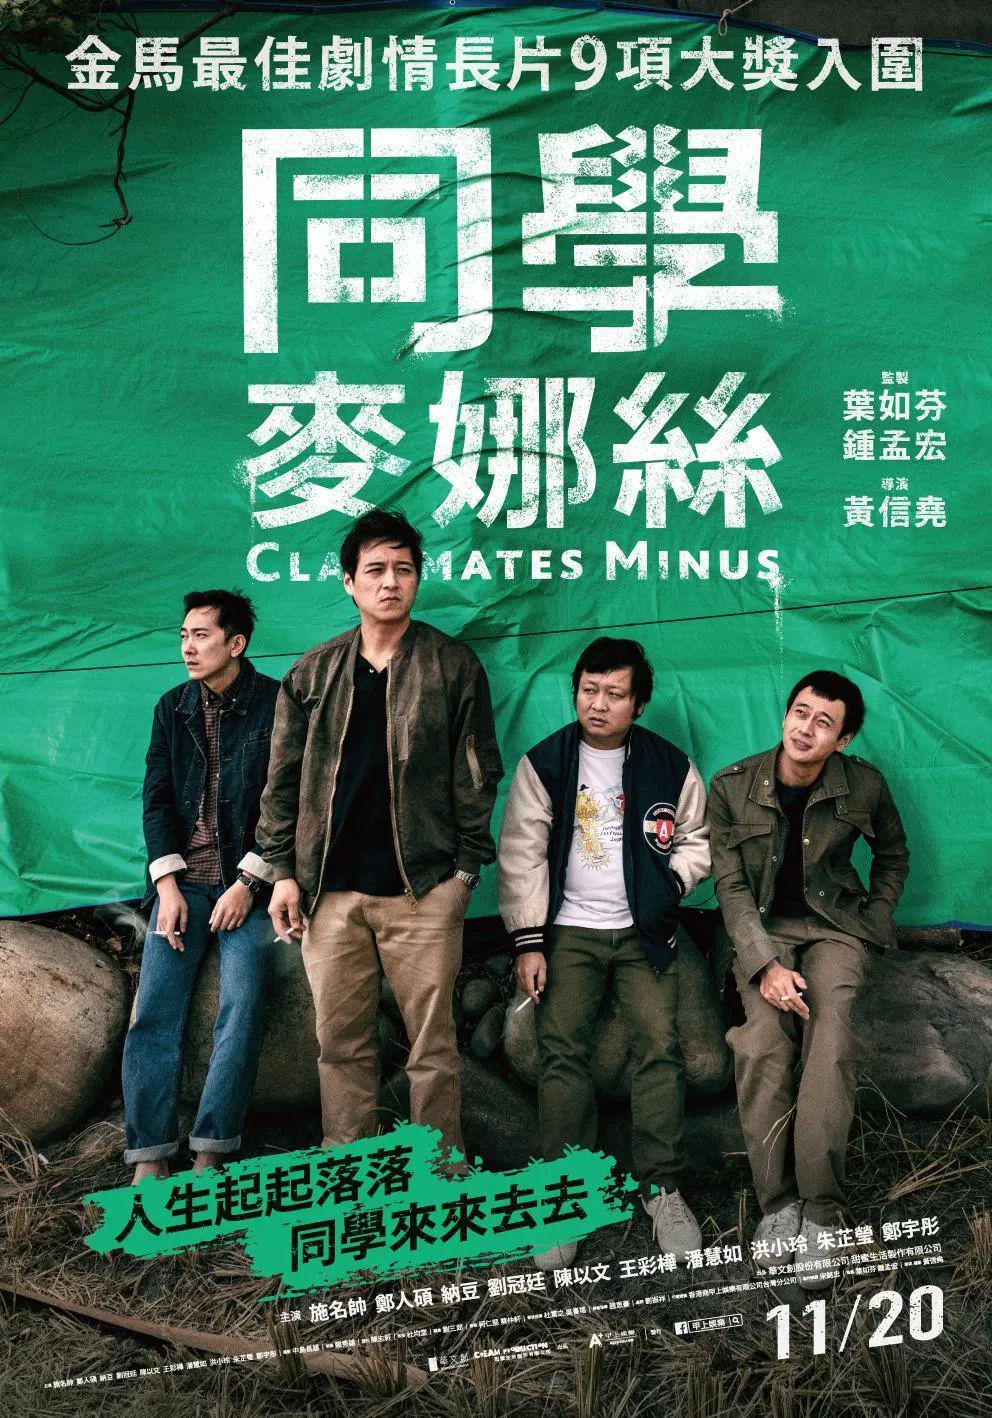 题材很敏感,但这部华语片走得更远了